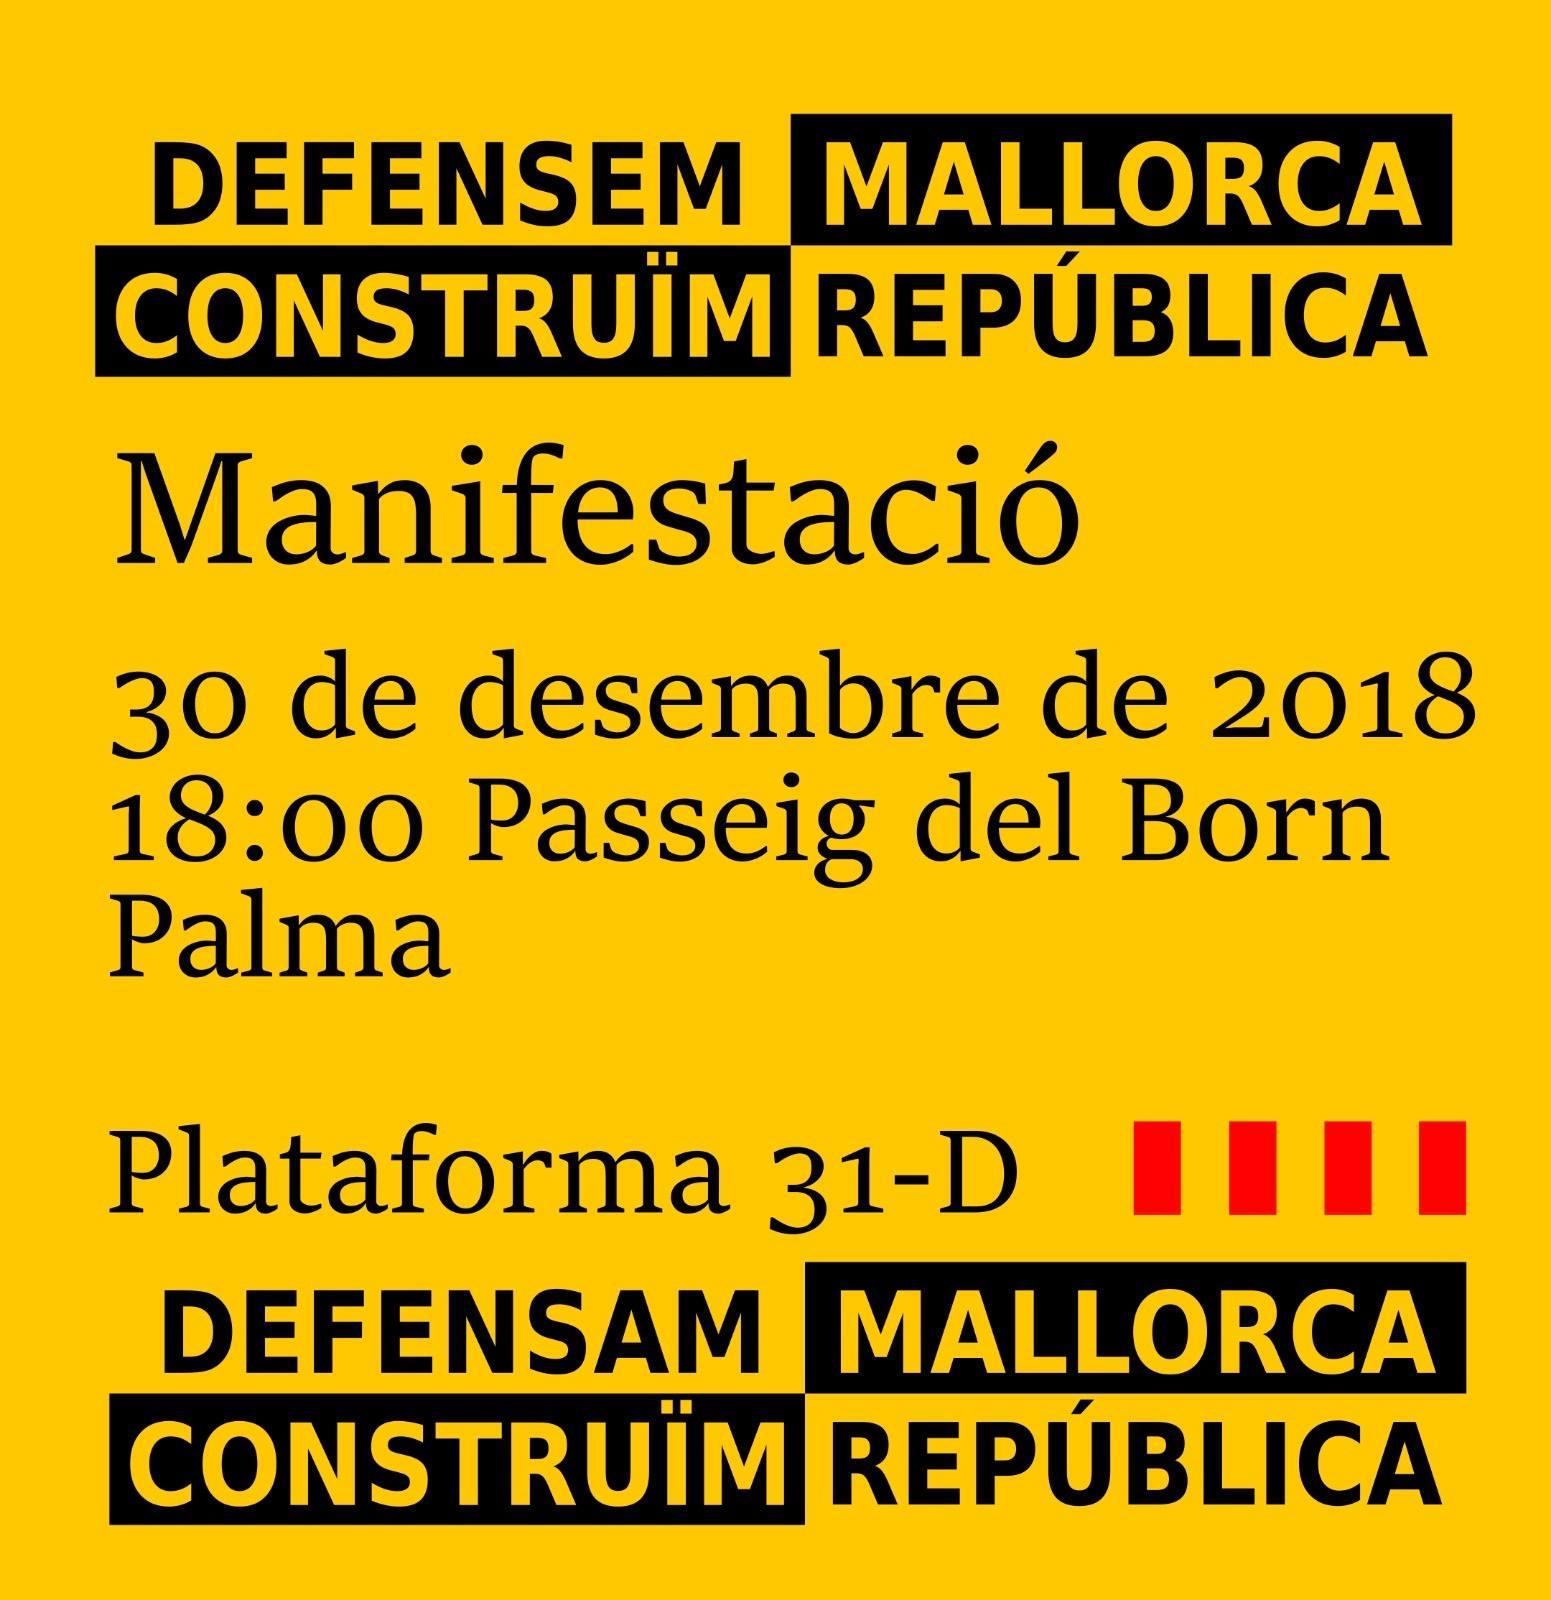 Manifestació 30D. Defensem Mallorca, construïm República